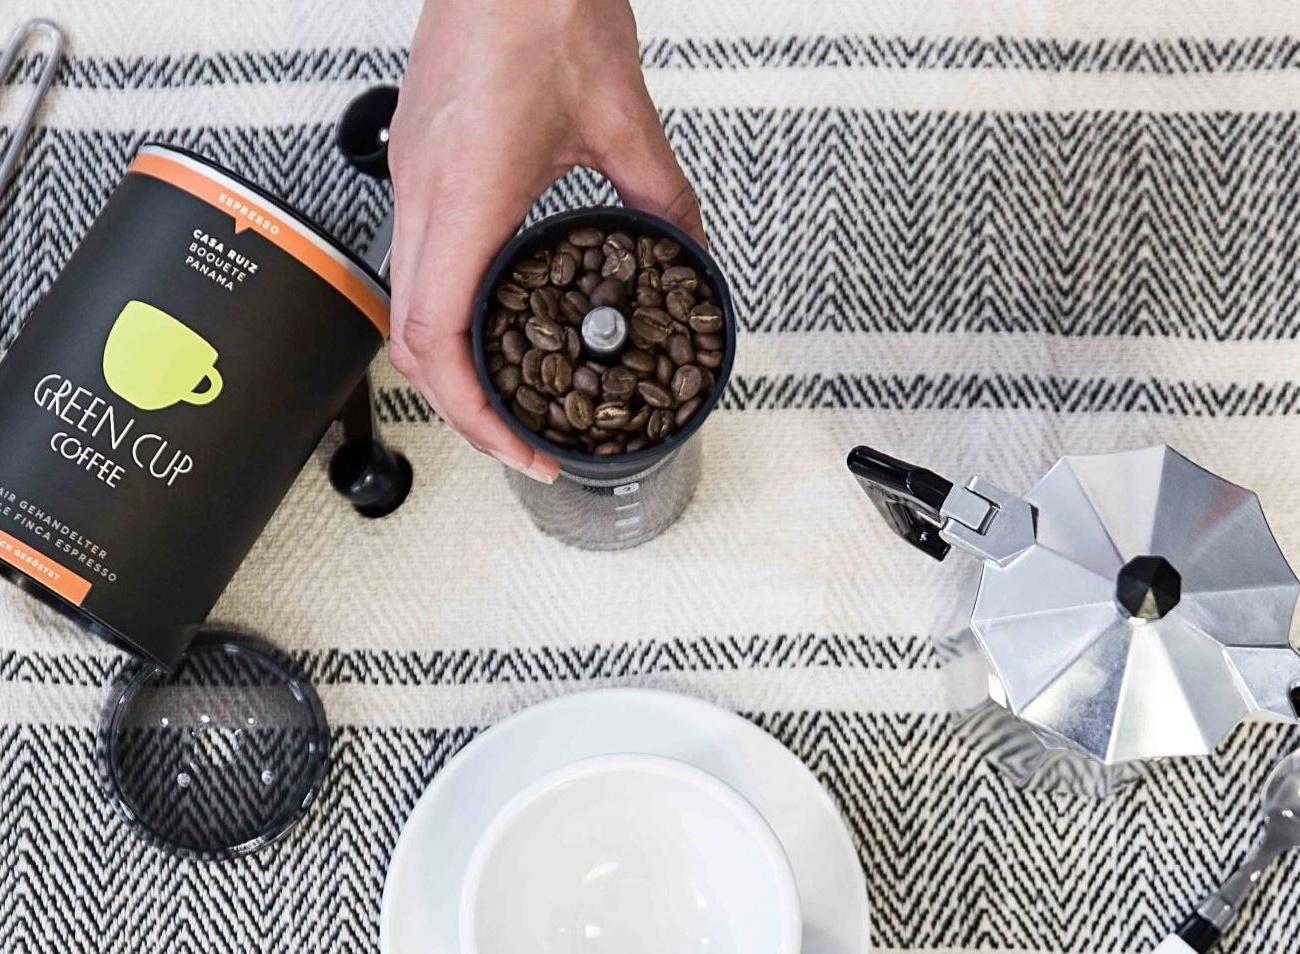 www.green-cup-coffee.de